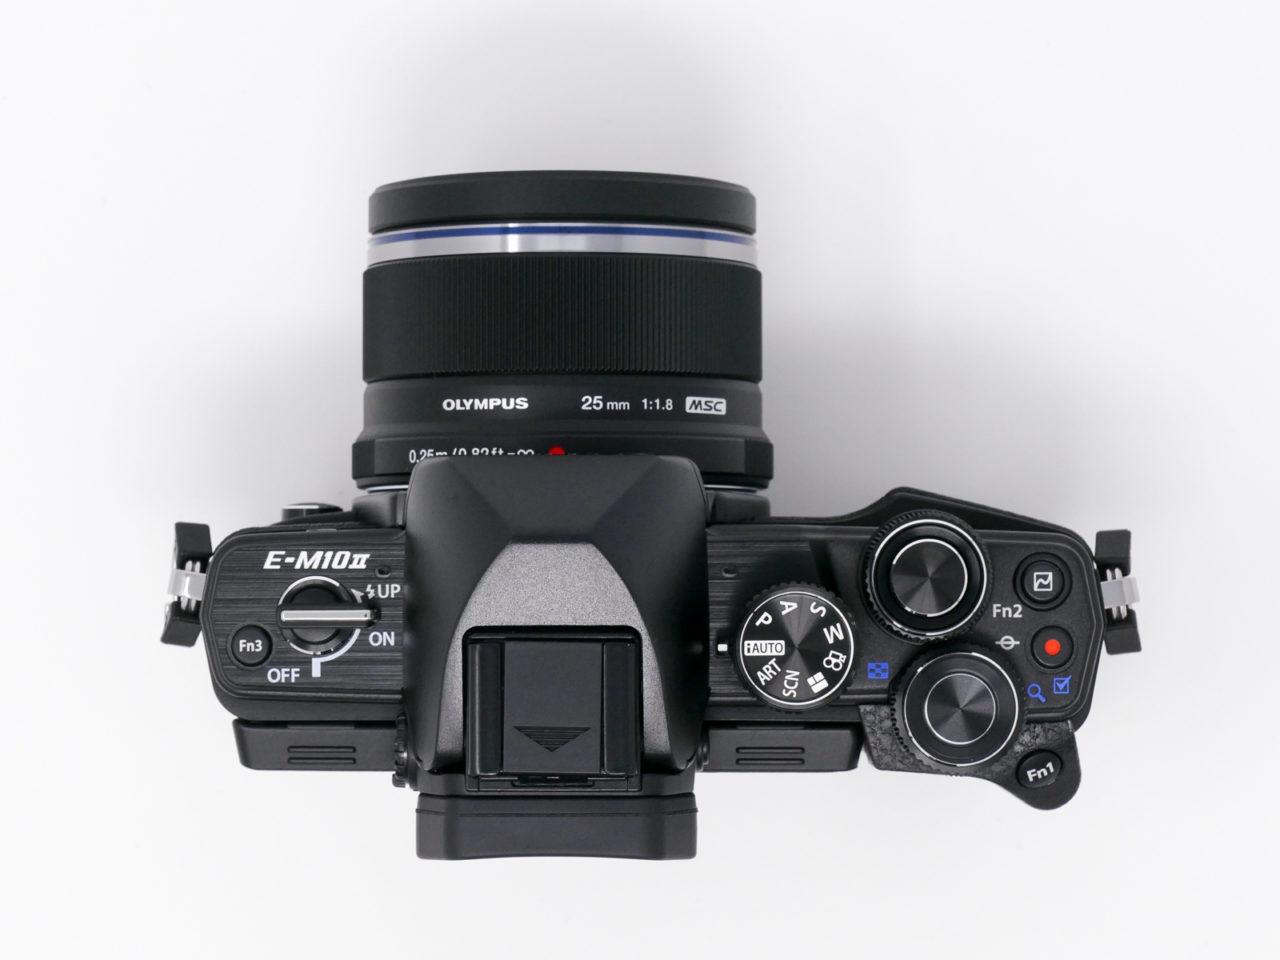 OM-D E-M10 MarkIIとM.ZUIKO DIGITAL 25mm F1.8